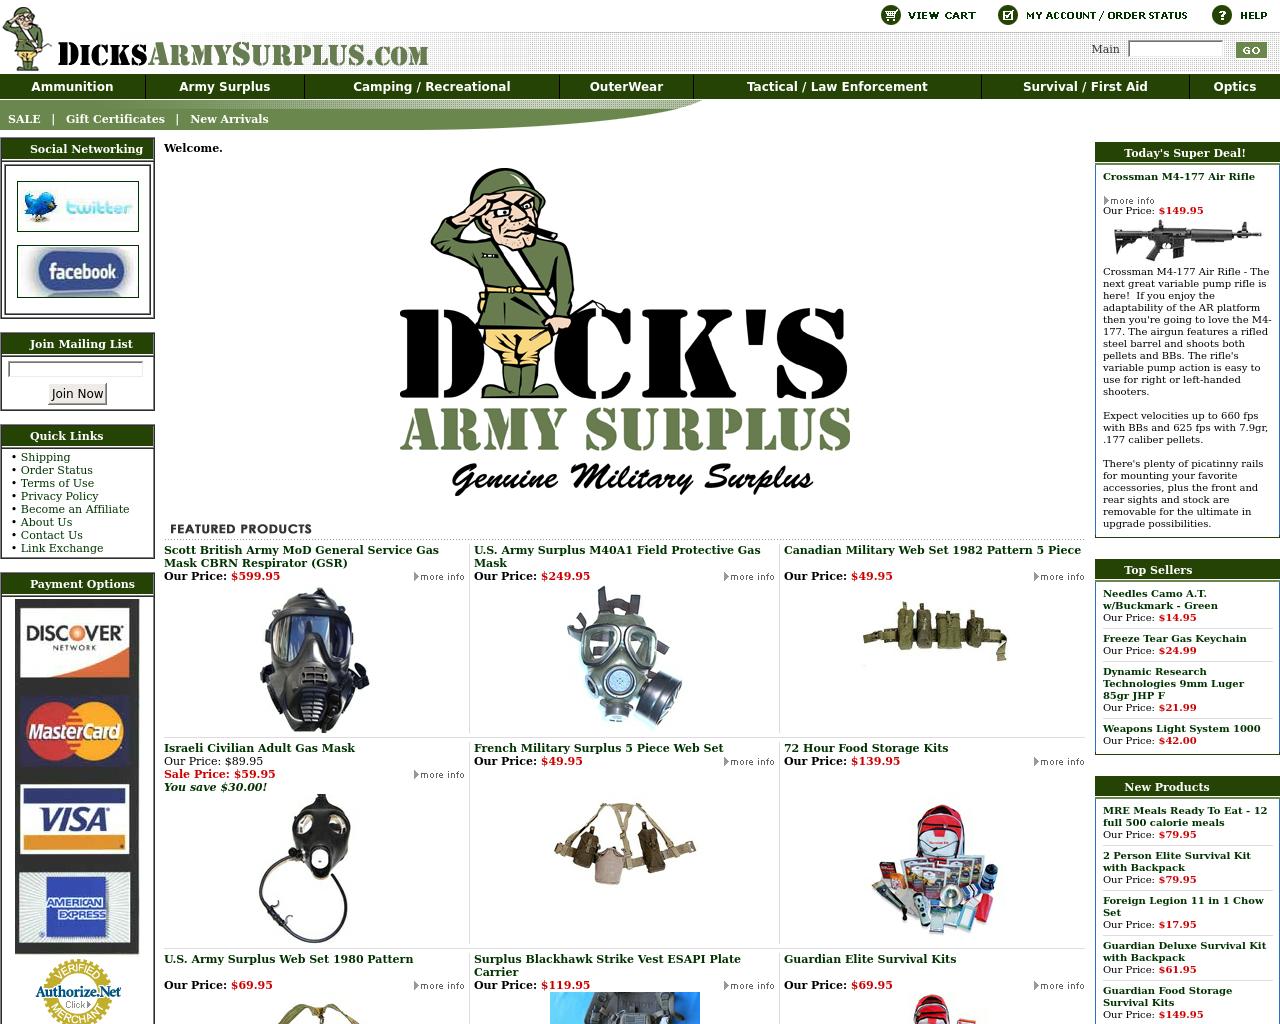 Dicks-Army-Surplus-Advertising-Reviews-Pricing